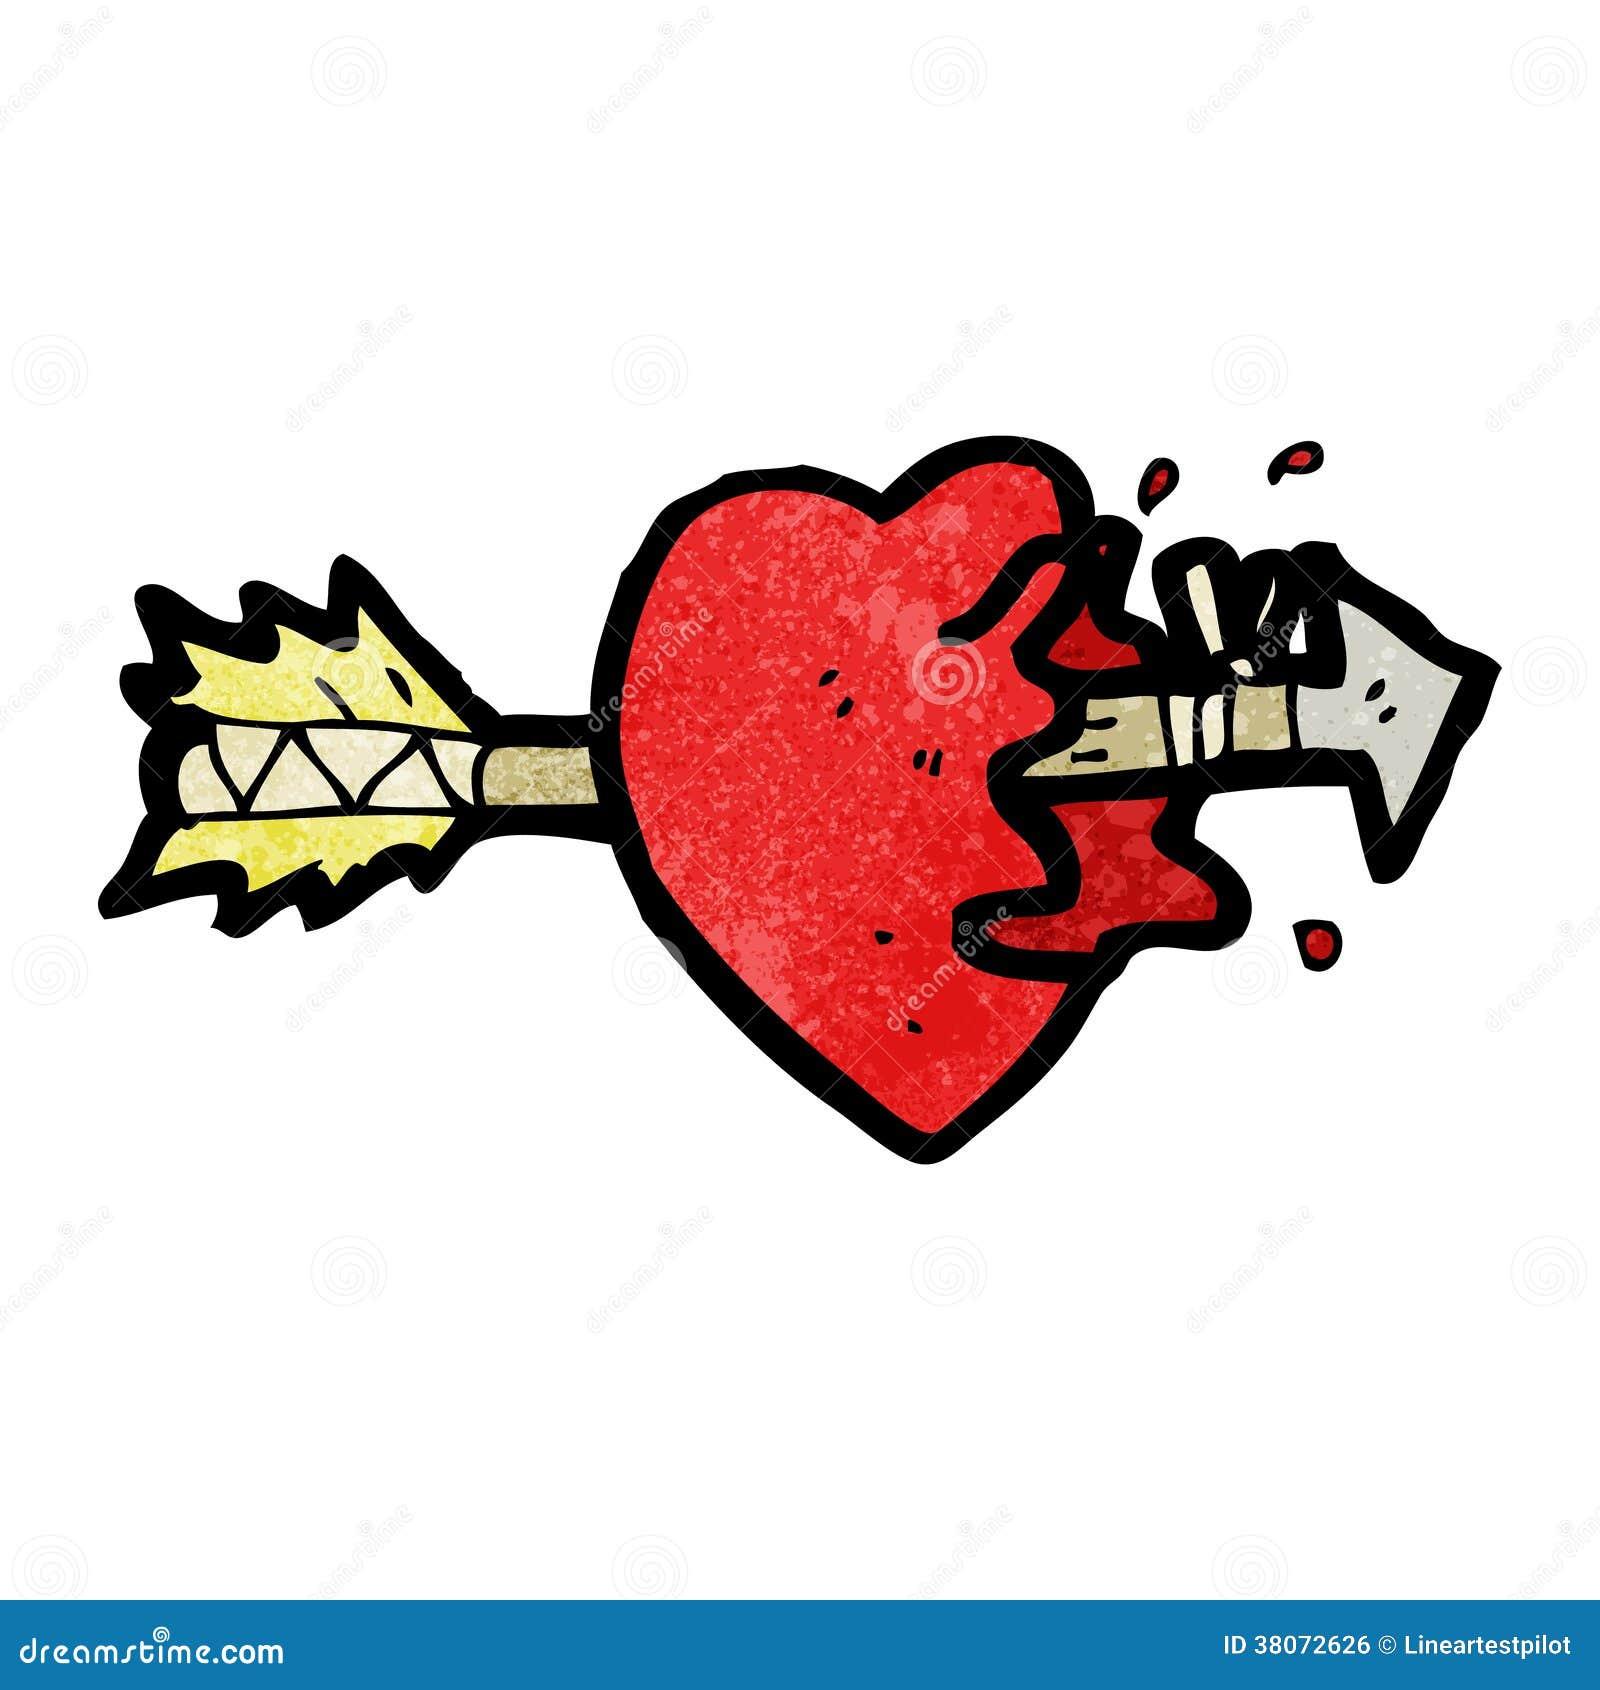 arrow through heart cartoon stock illustration illustration of